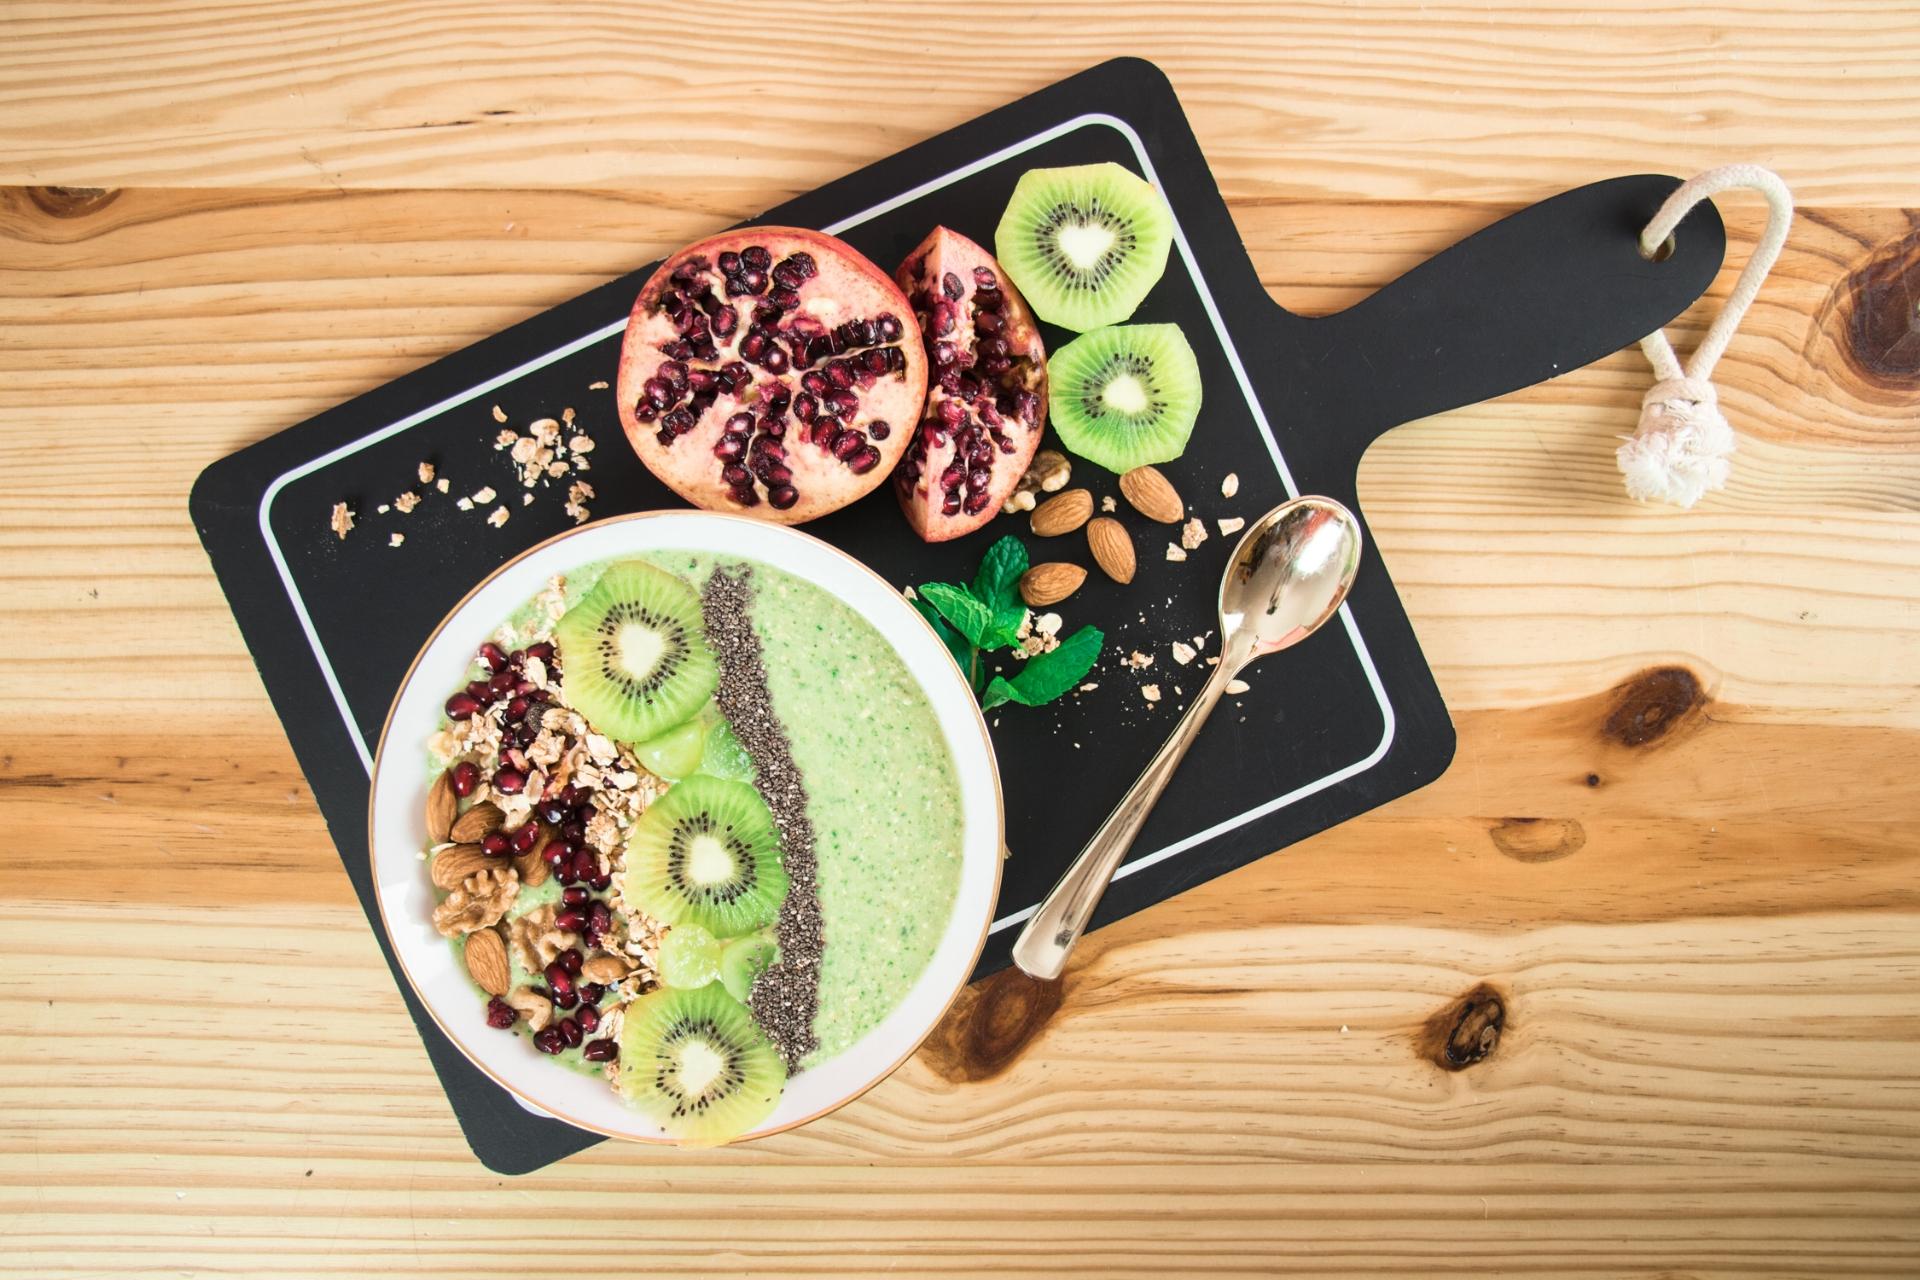 Desayuno o Snack Saludable, Fácil & Rápido | Tropical Green Smoothie Bowl